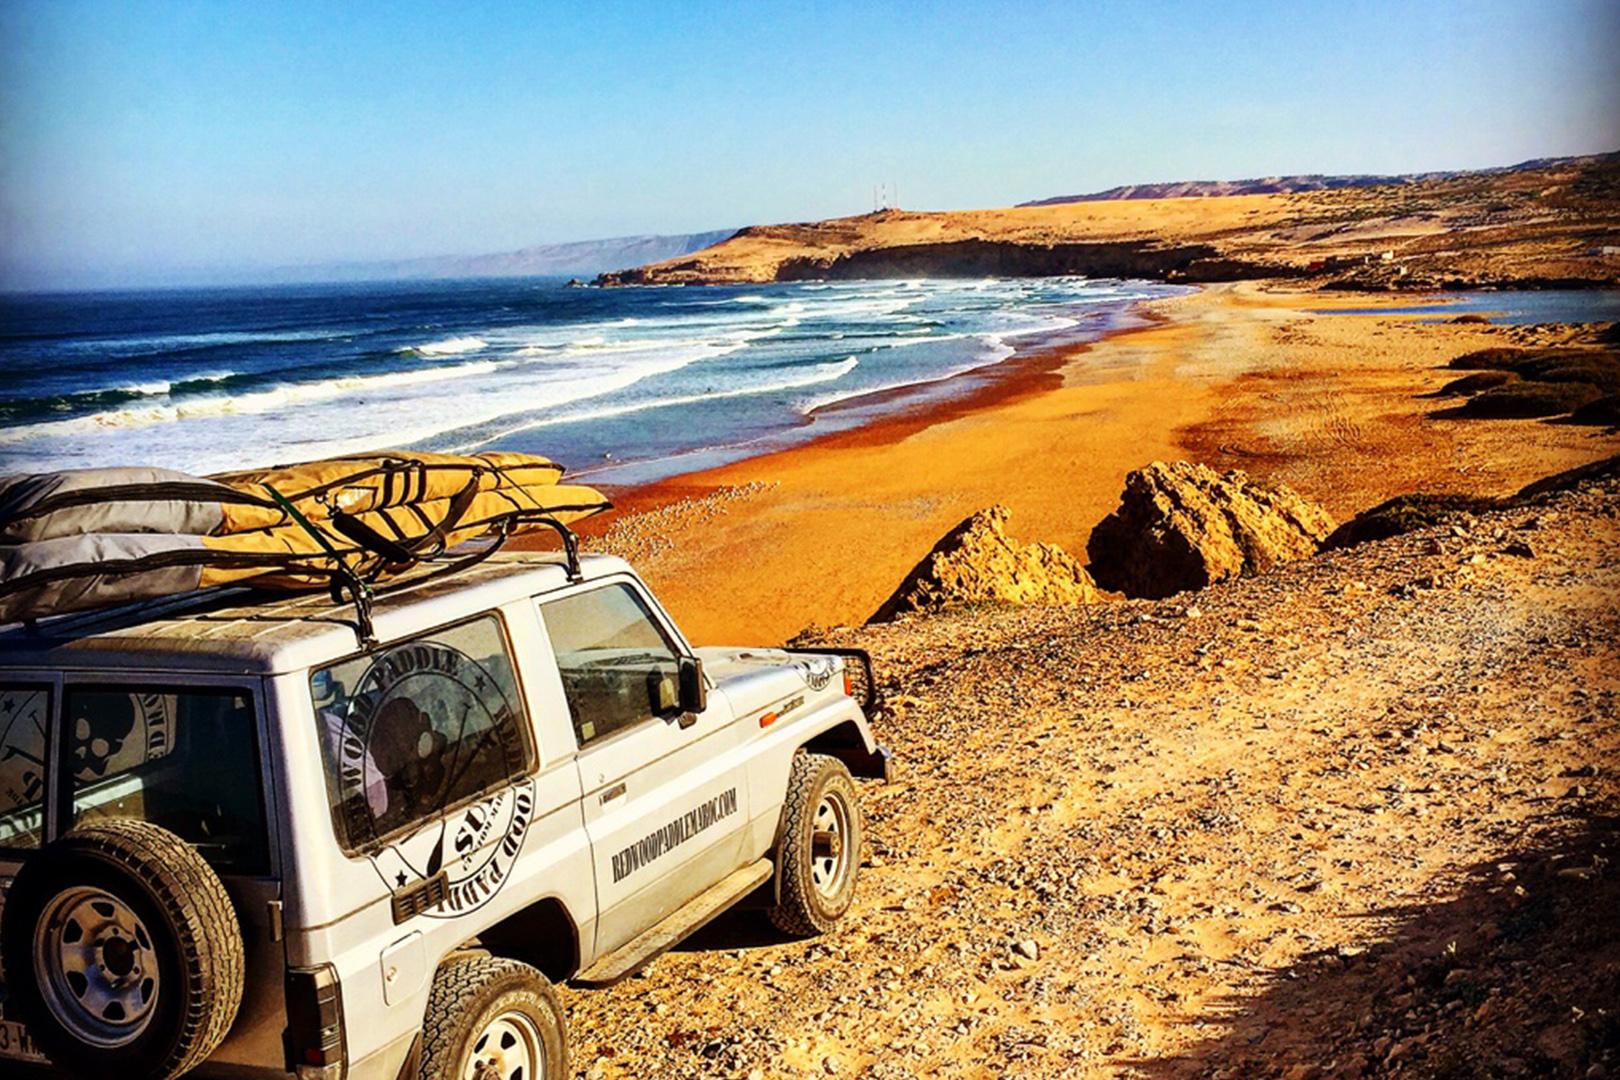 Agadir SUP Center